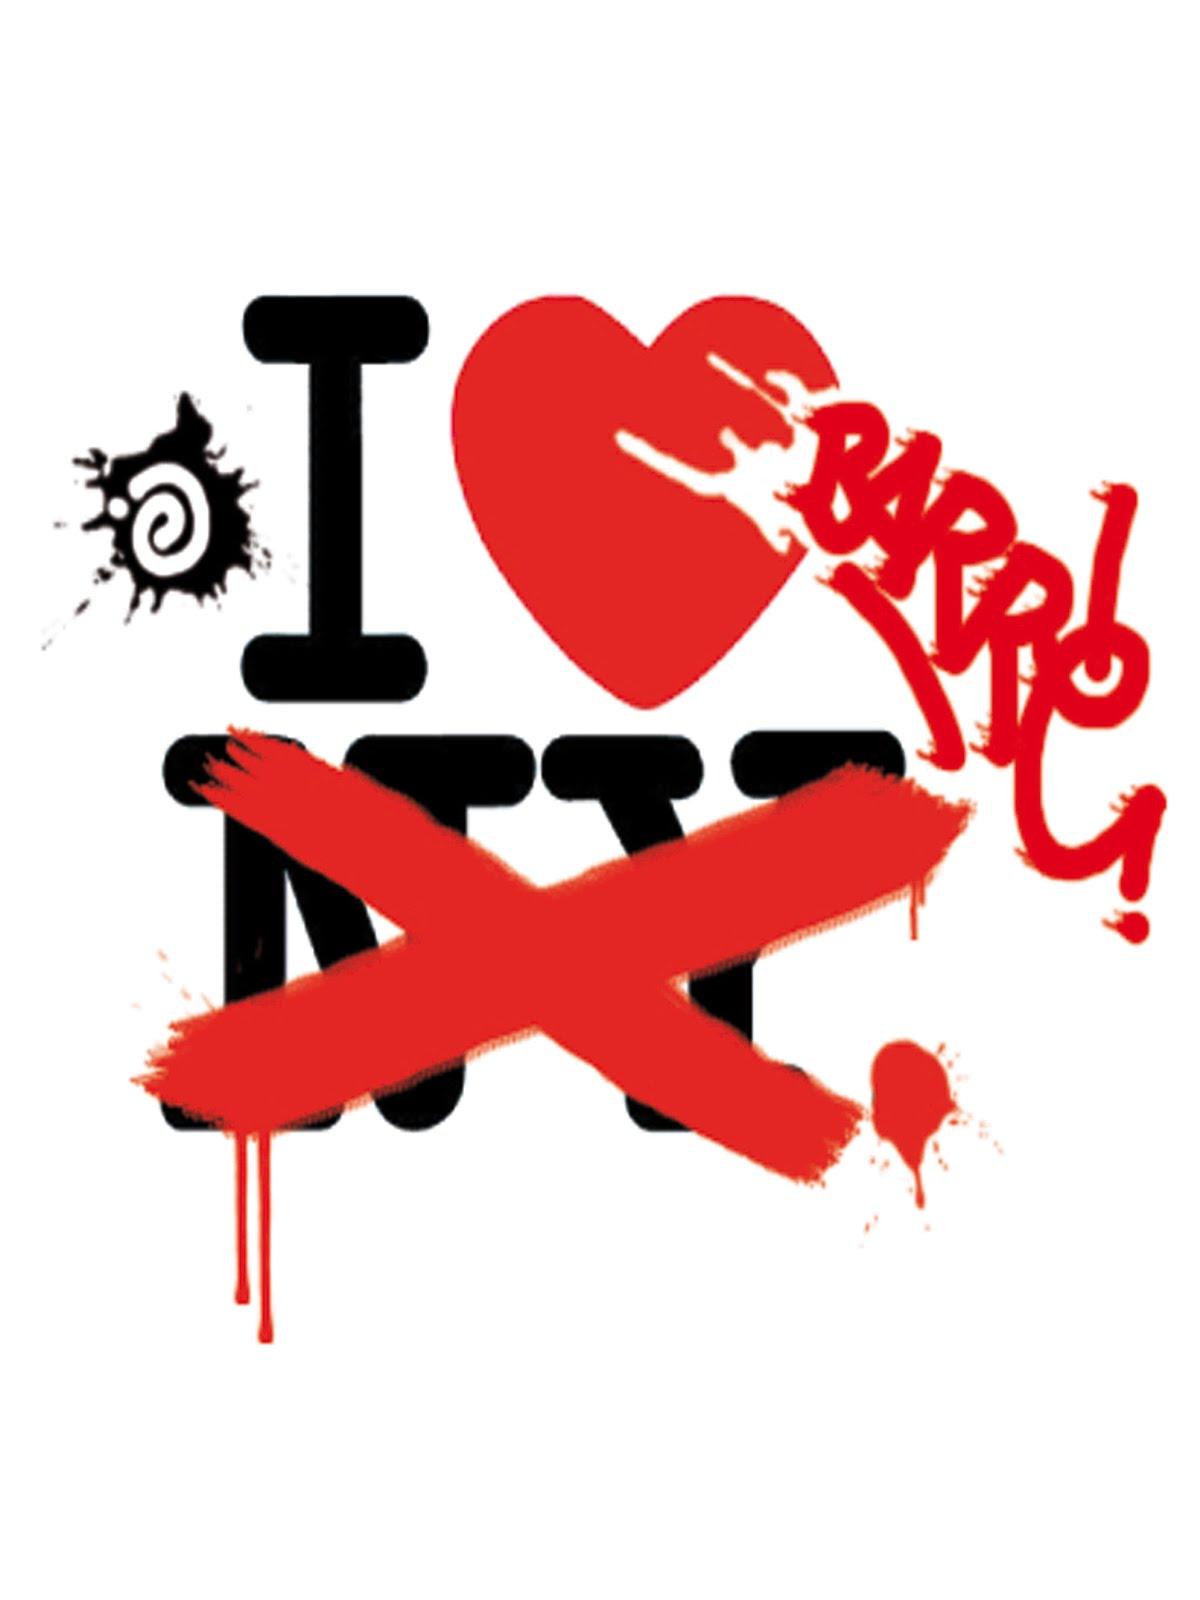 http://4.bp.blogspot.com/-fSyXVh0yVEU/TcXmTv7H-2I/AAAAAAAAAxM/wPxAJ4sFZ9E/s1600/I-LOVE-BARR%25C3%2588.jpg